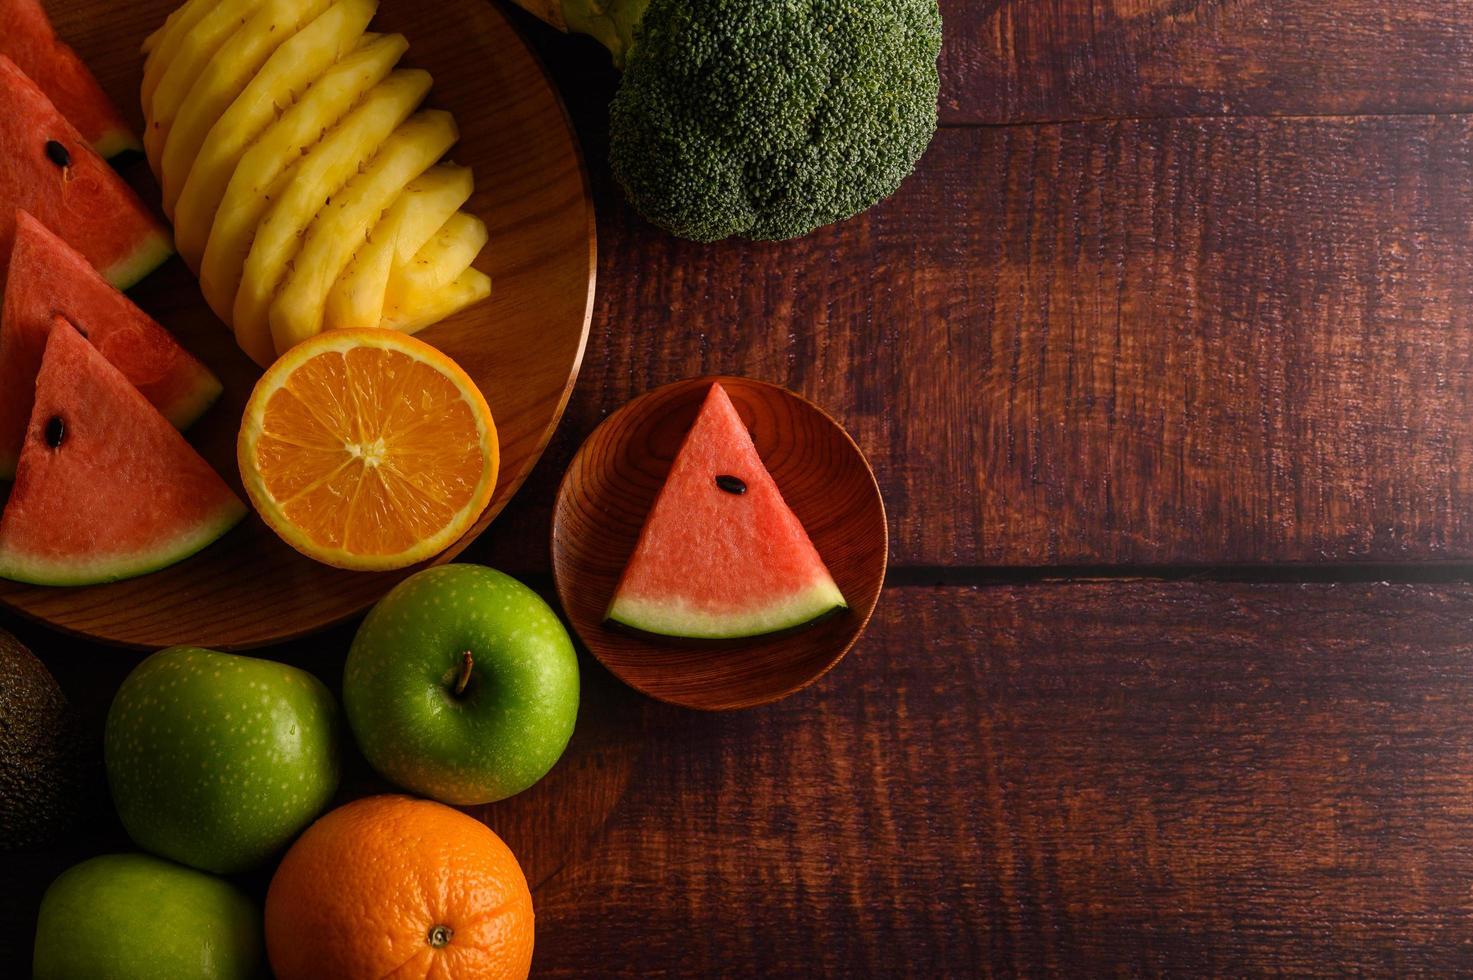 pastèque colorée, ananas, oranges à l'avocat et aux pommes photo